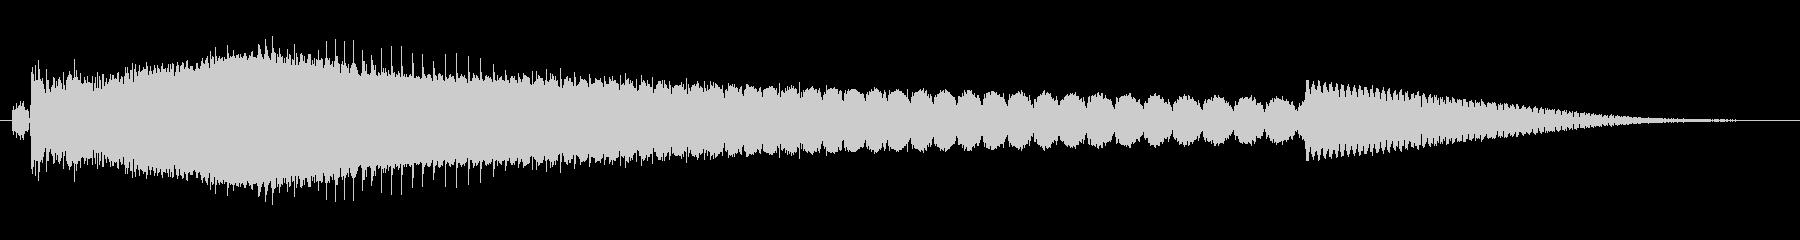 ロングサイバートーンスイープオフ3の未再生の波形